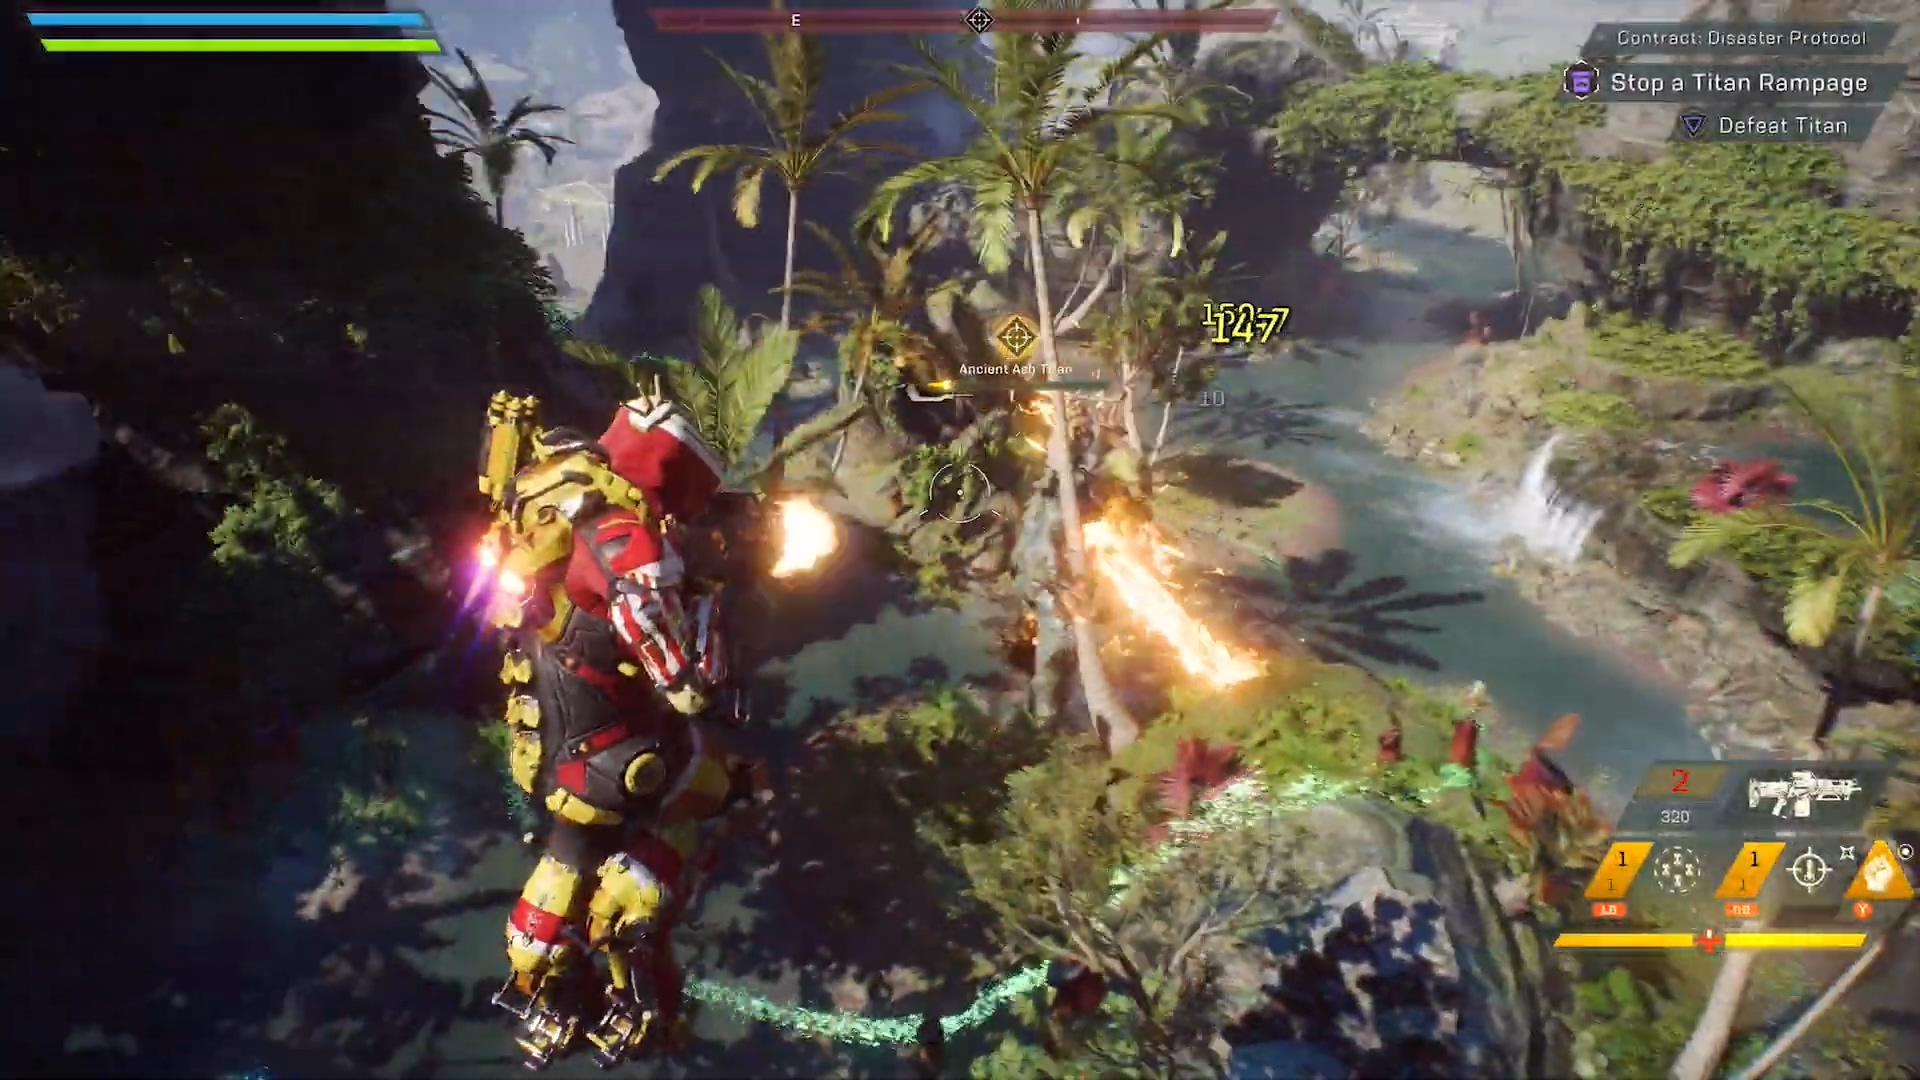 满级之后别有洞天 《圣歌》新视频展示游戏终局内容